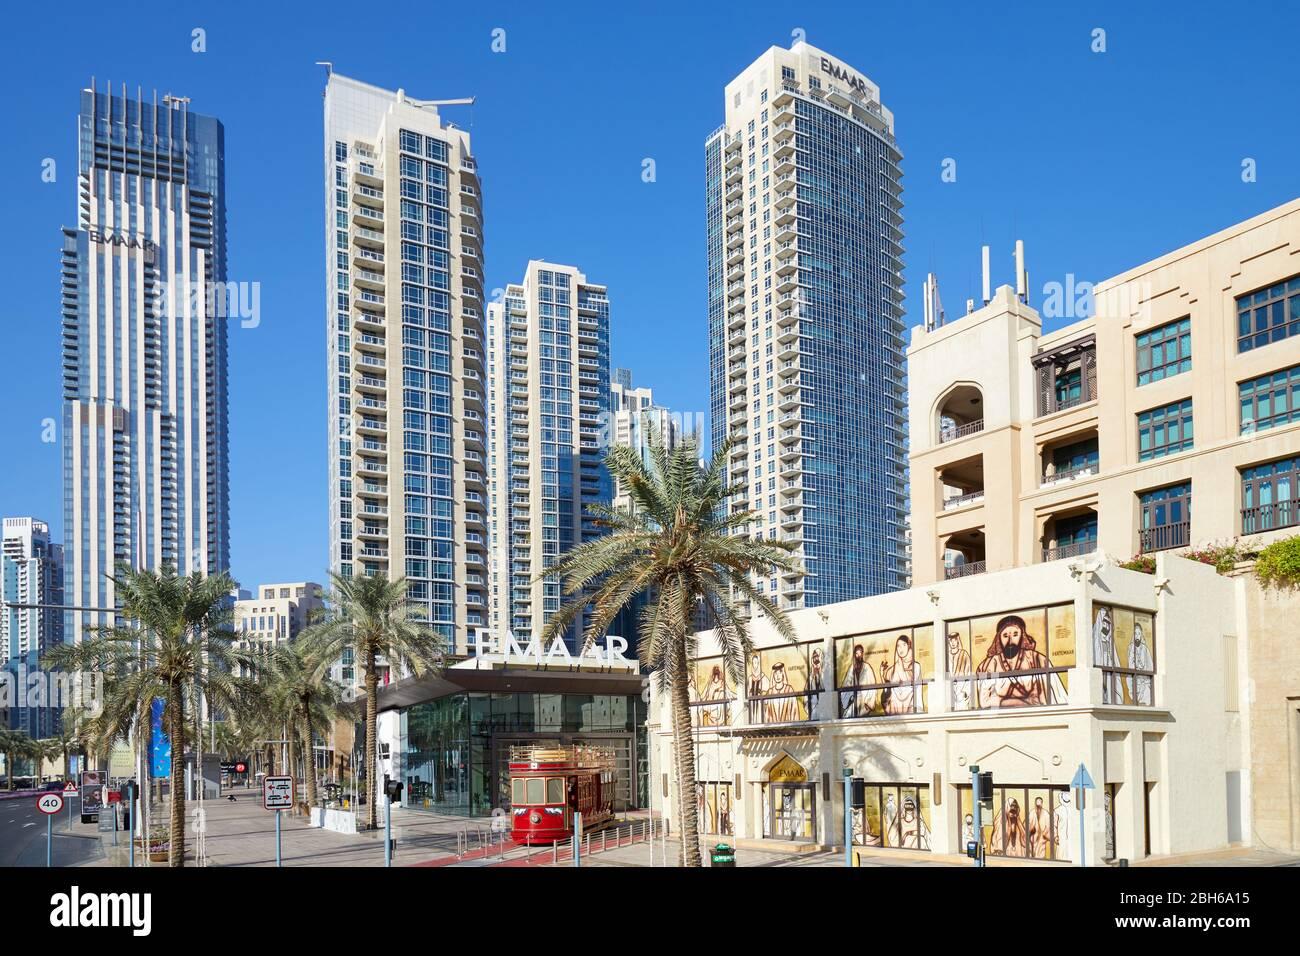 DUBAÏ, EMIRATS ARABES UNIS - 22 NOVEMBRE 2019 : gratte-ciel modernes dans le centre-ville de Dubaï et tramway rouge dans un ciel bleu clair et ensoleillé Banque D'Images